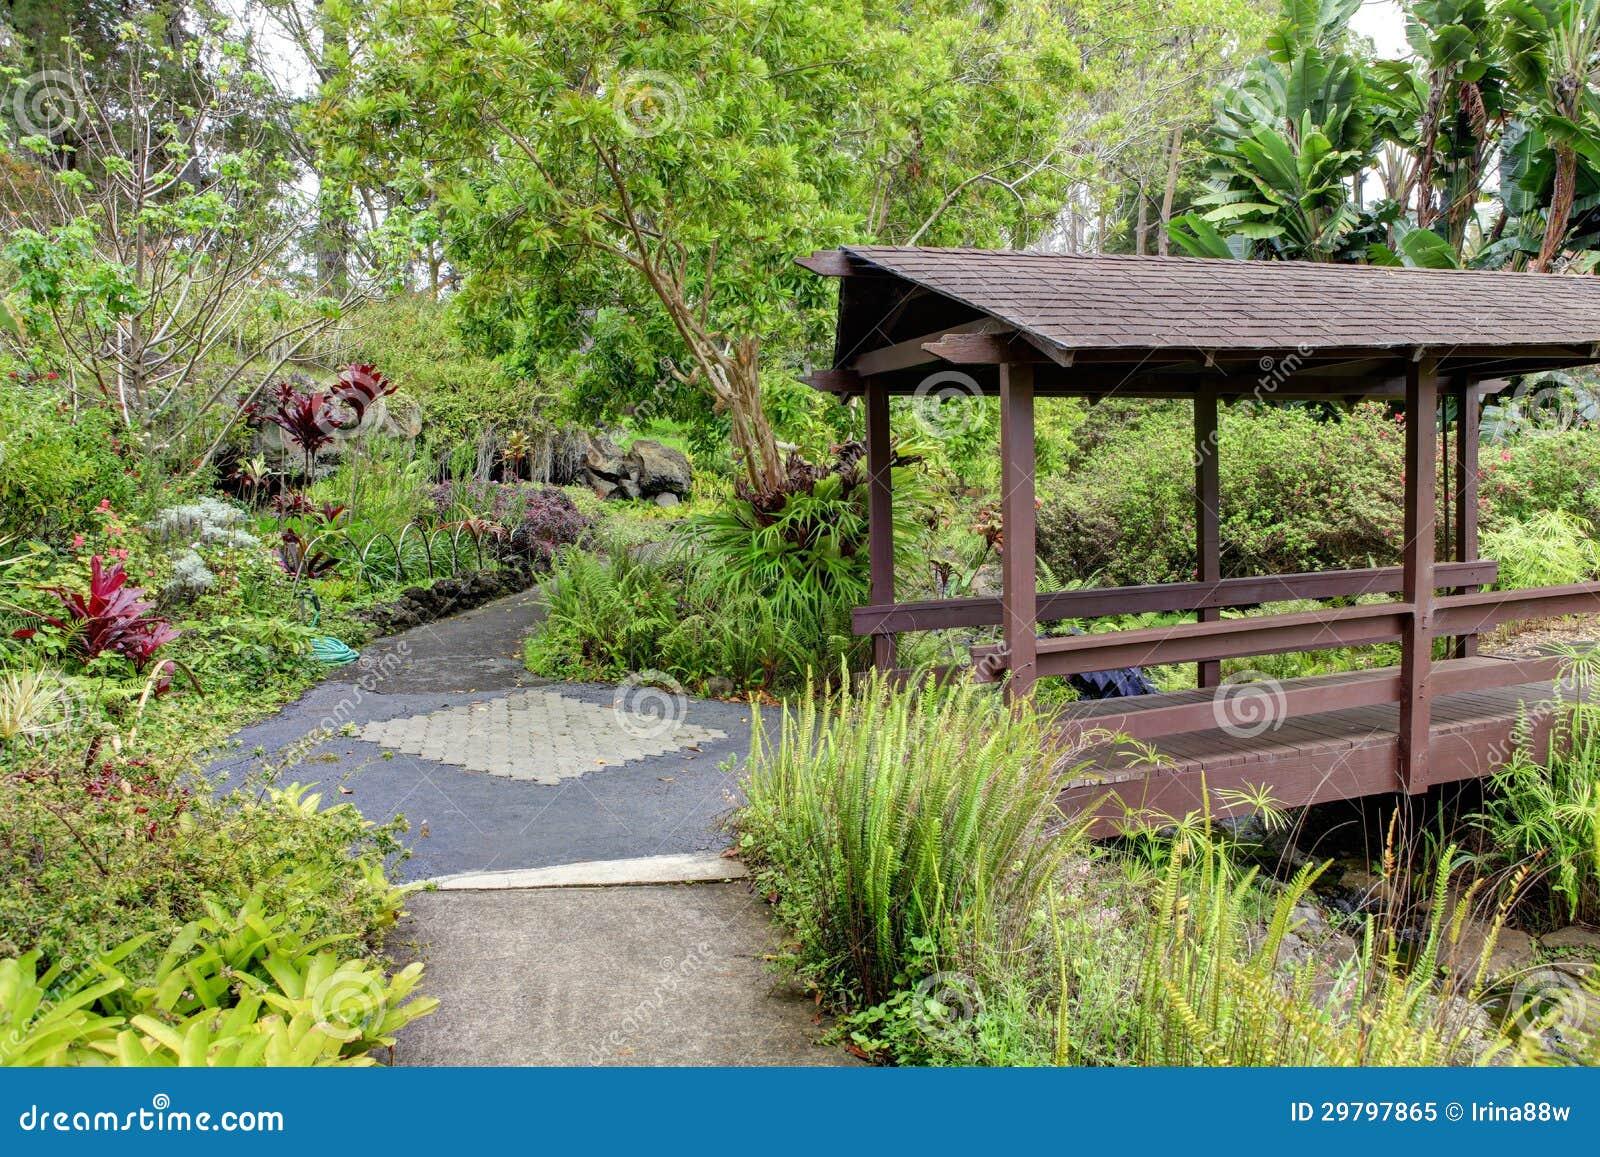 Jardin botanique de kula maui hawa pont couvert paysage tropical photo libre de droits for Paysage de jardin